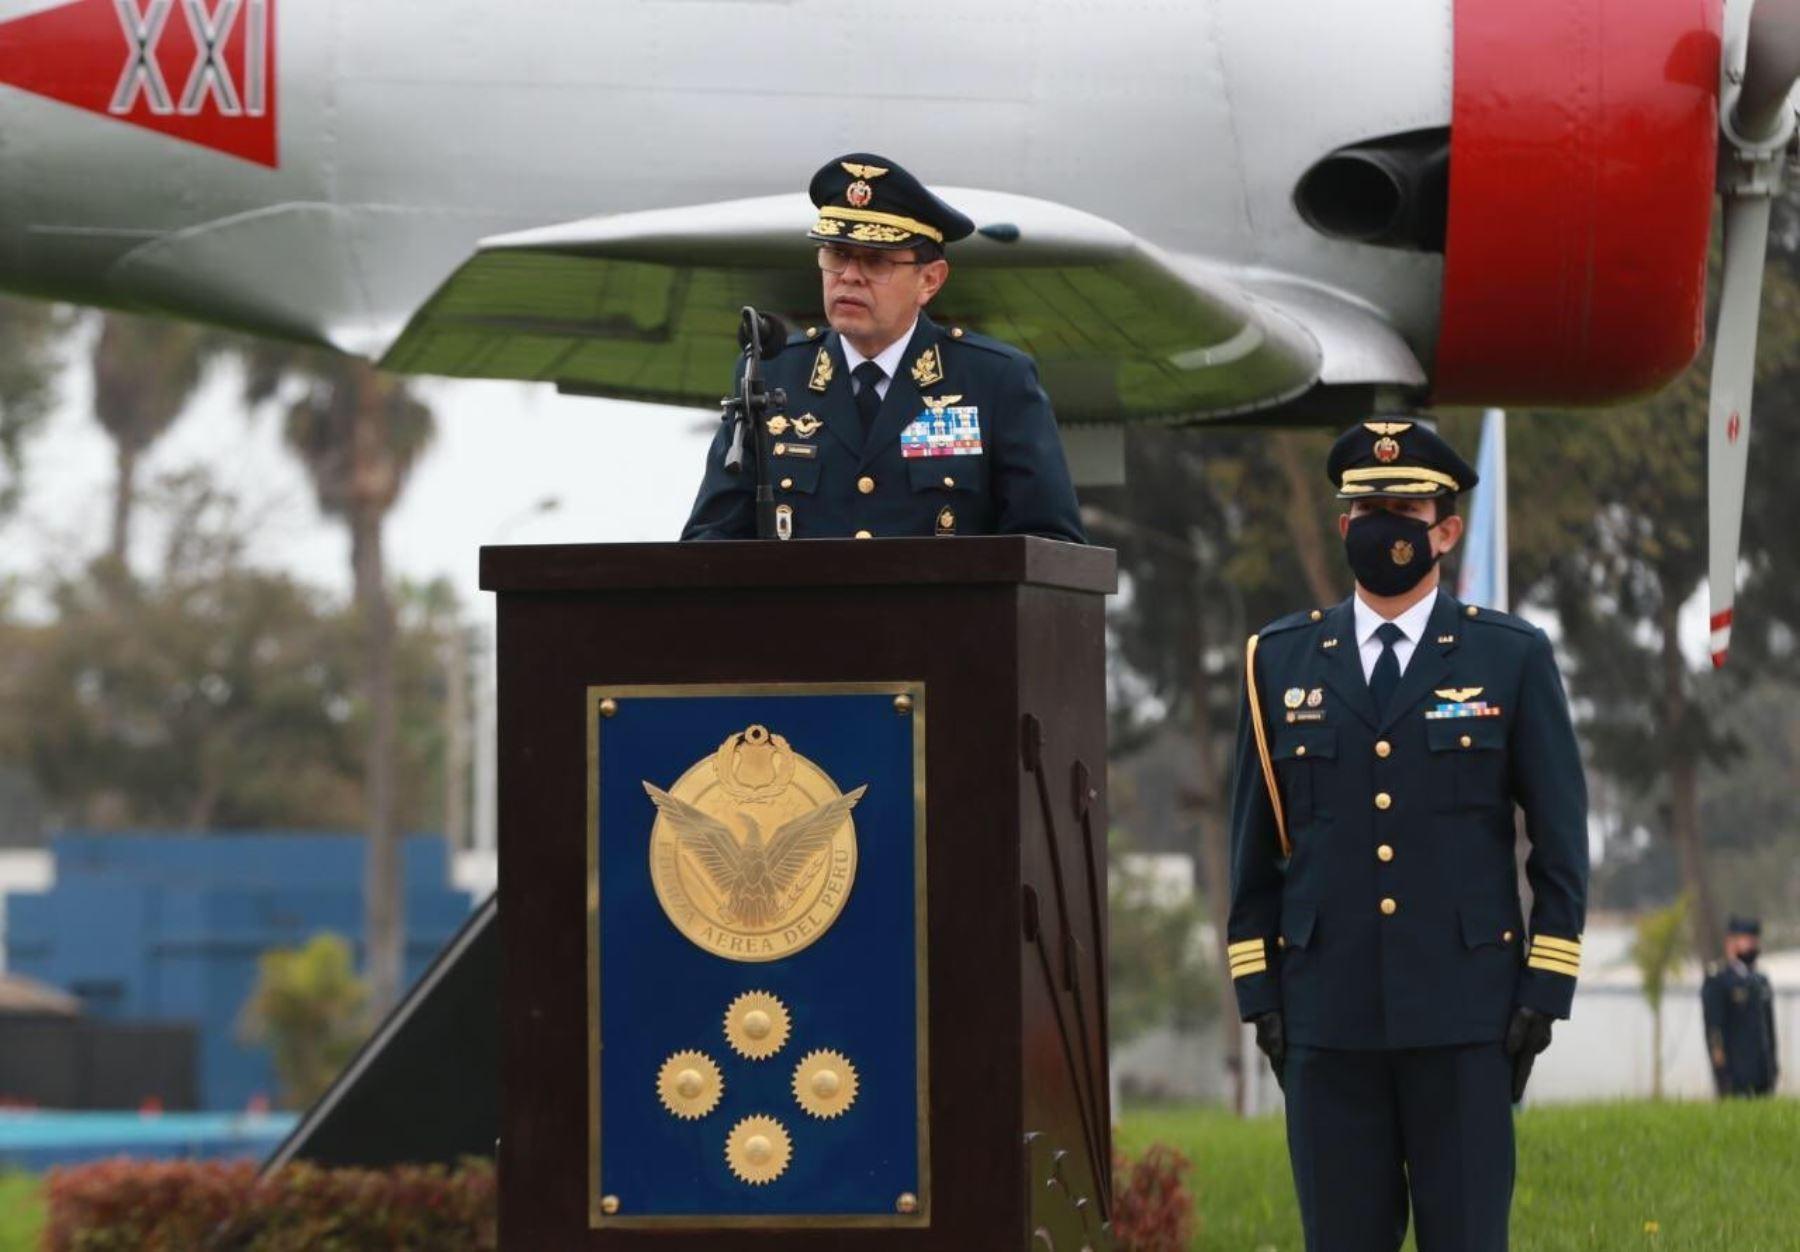 FAP reconoce a general Jorge Chaparro Pinto como nuevo comandante general de esa institución castrense.